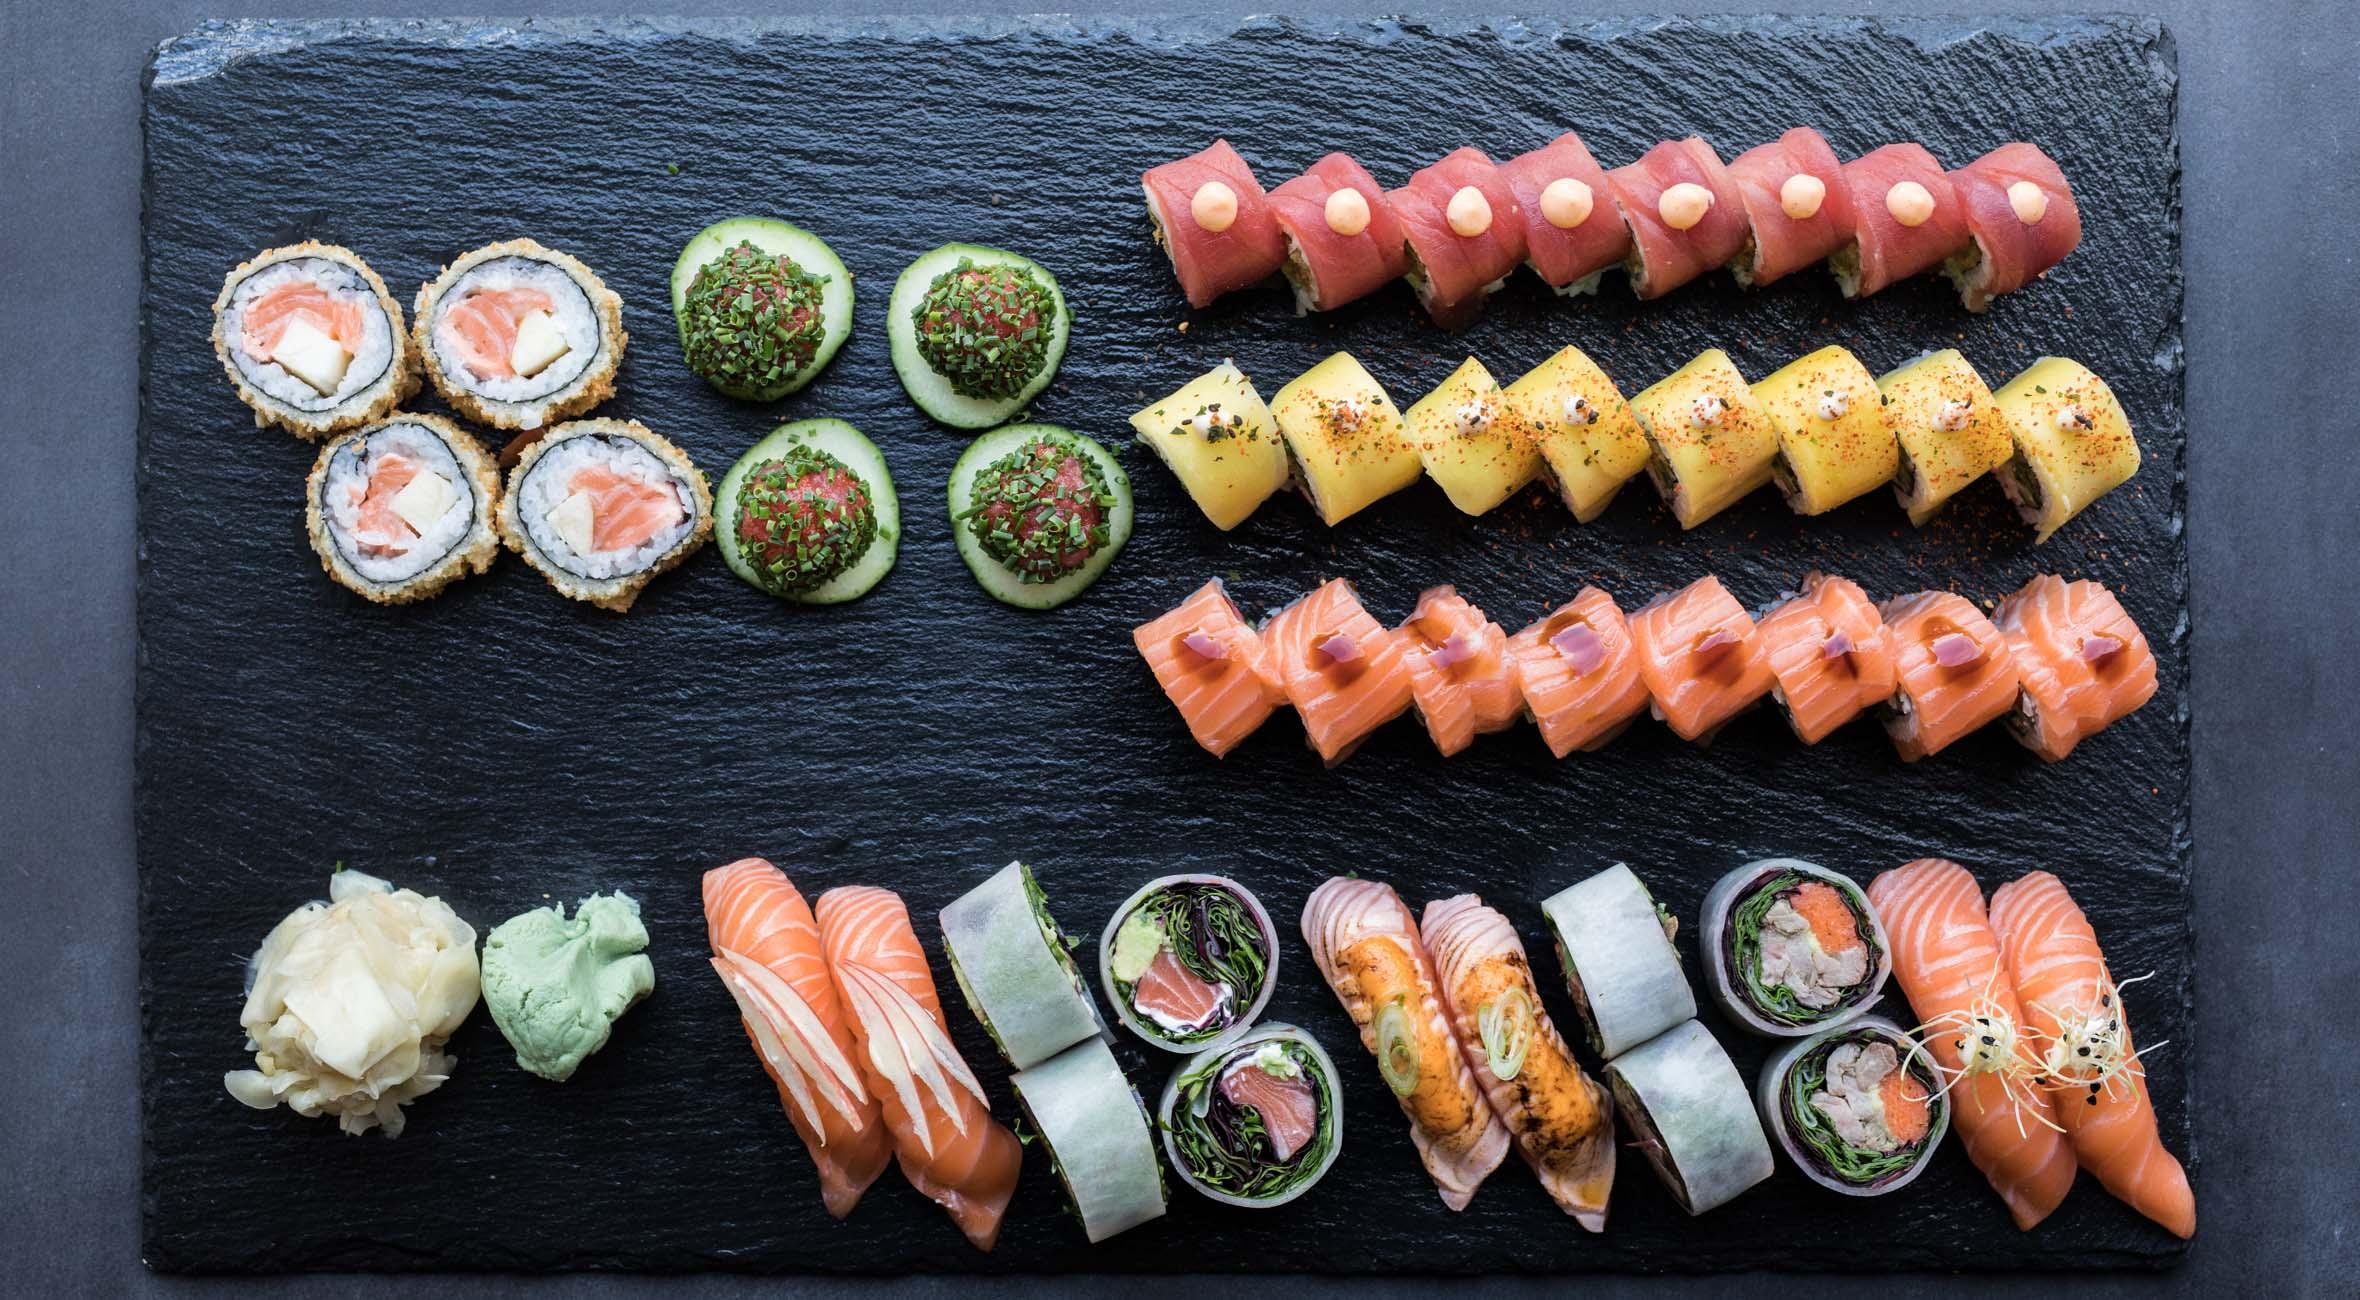 46 stk. luksus sushi fra Omakase Sushi på Frederiksberg – Få sushi i verdensklasse